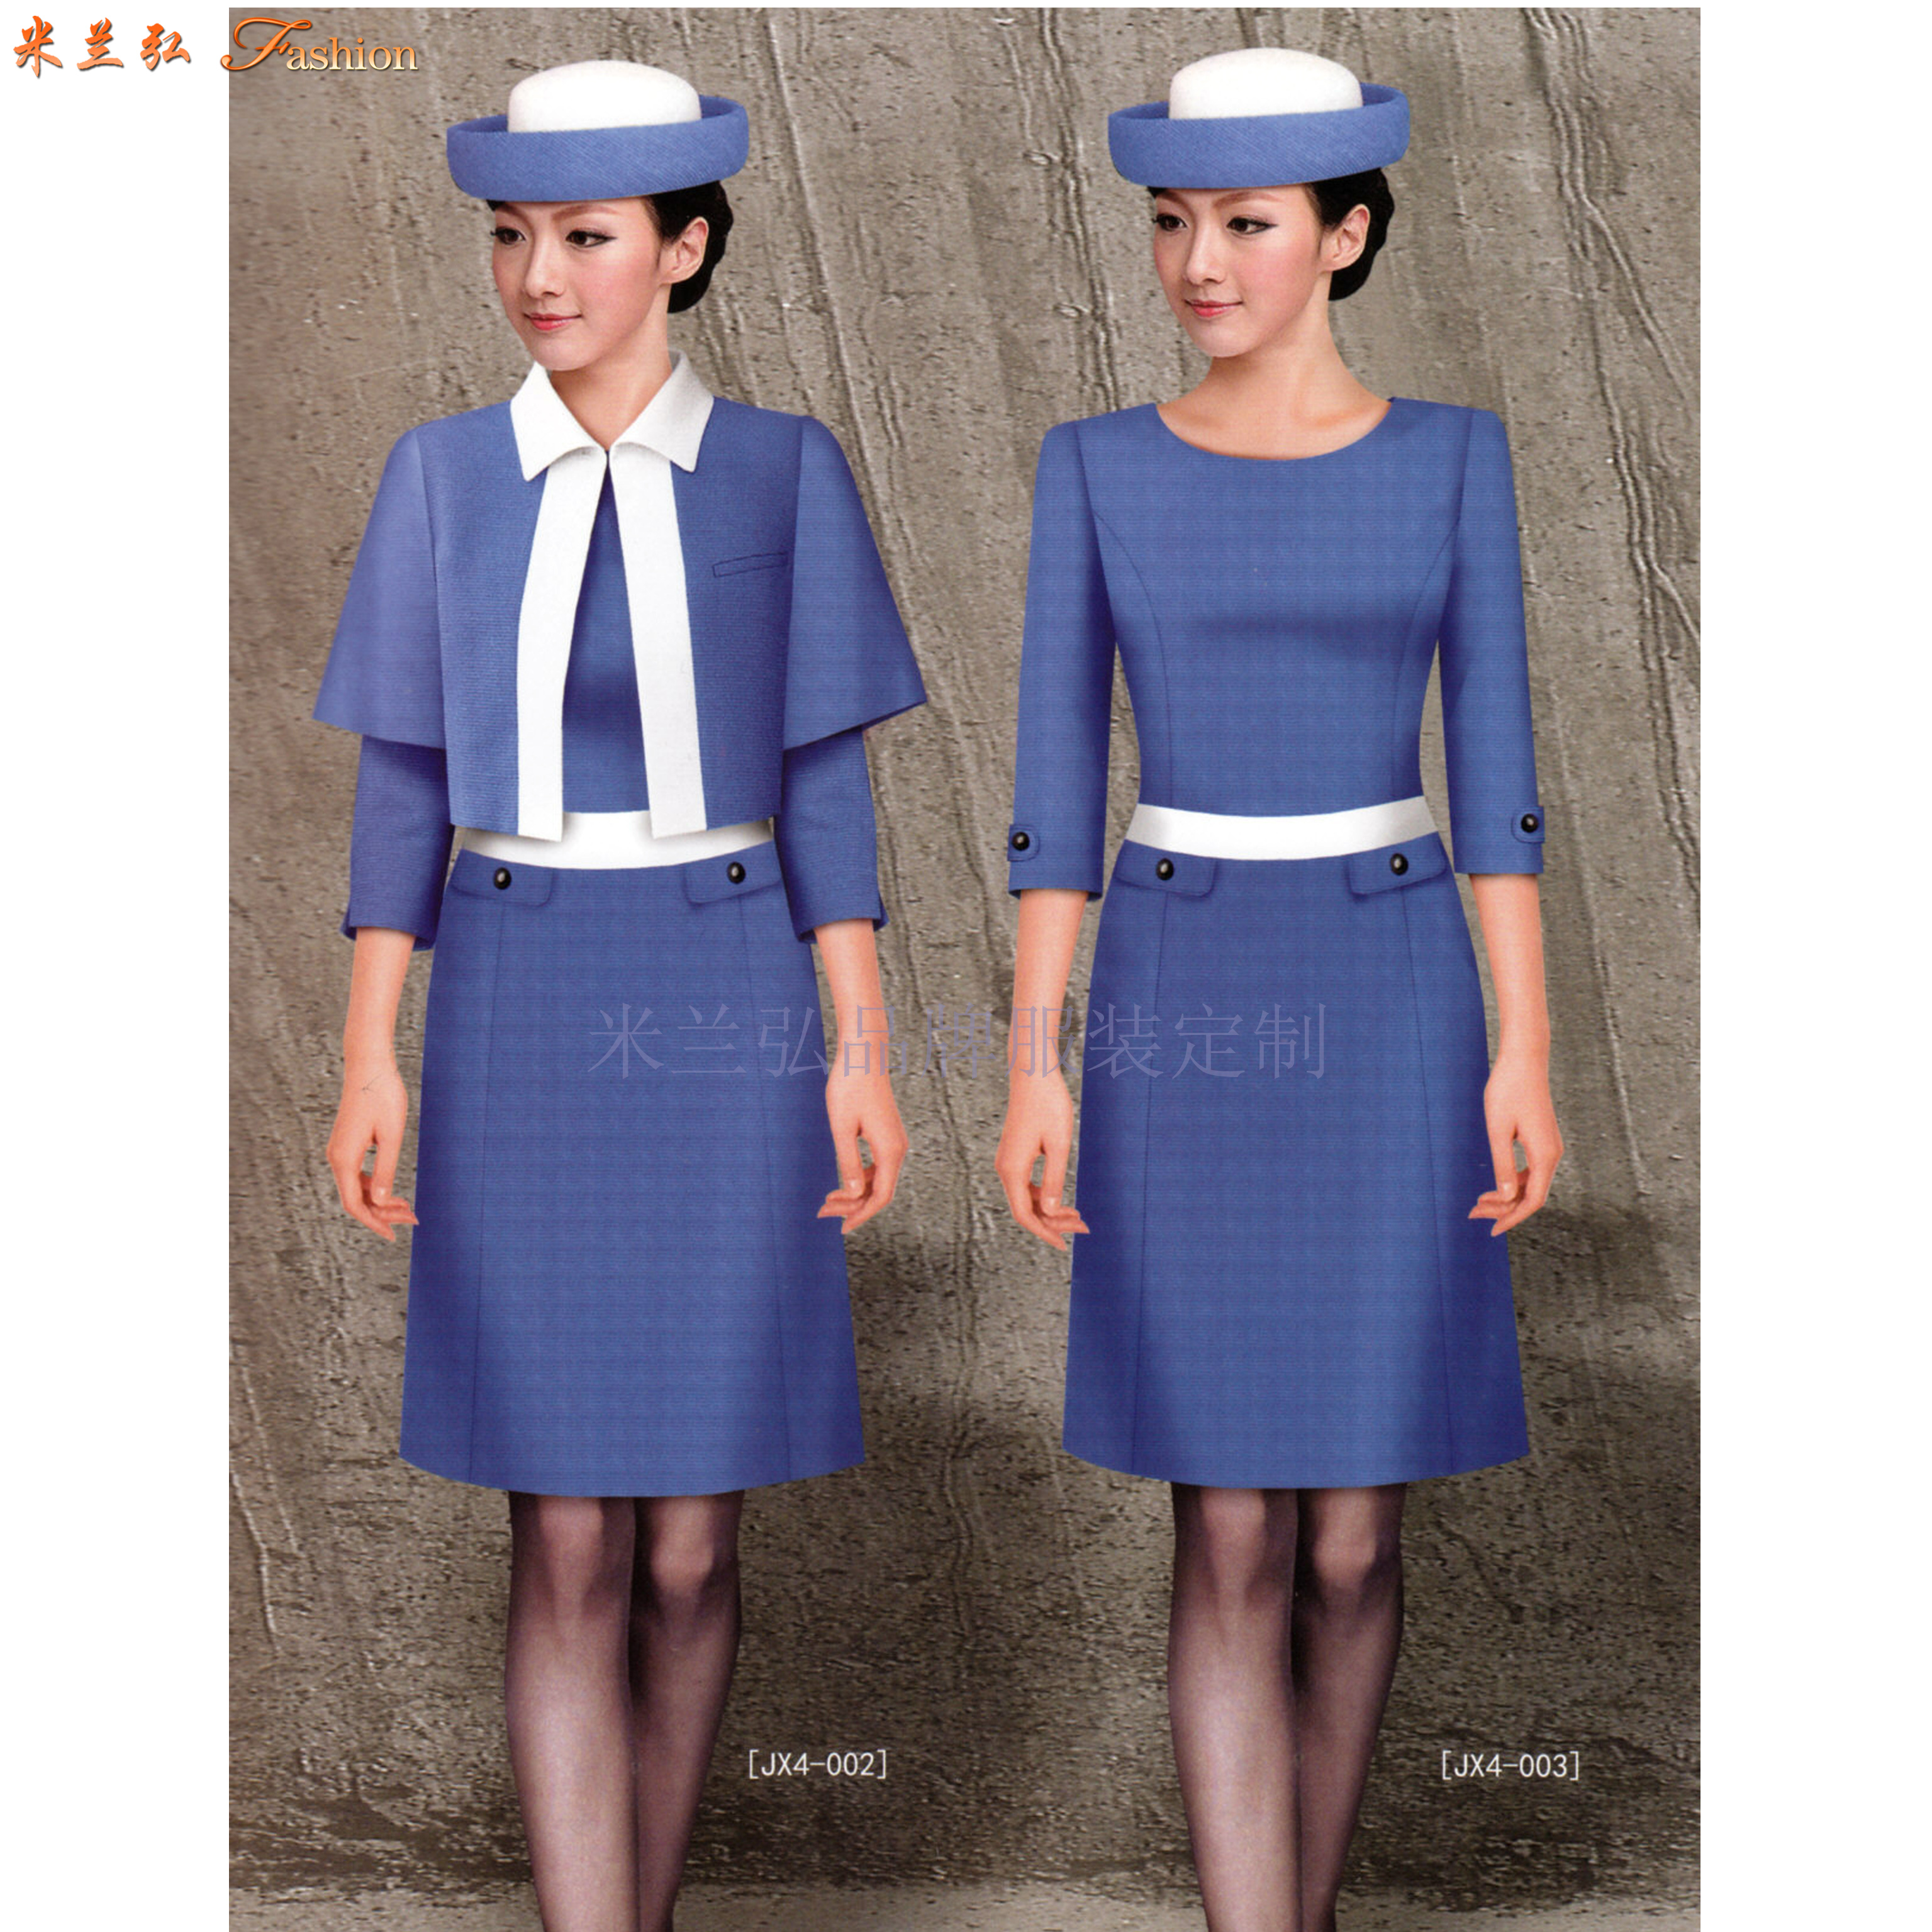 「工作服連衣裙定制」北京連衣裙量身訂制廠家-米蘭弘服裝-5